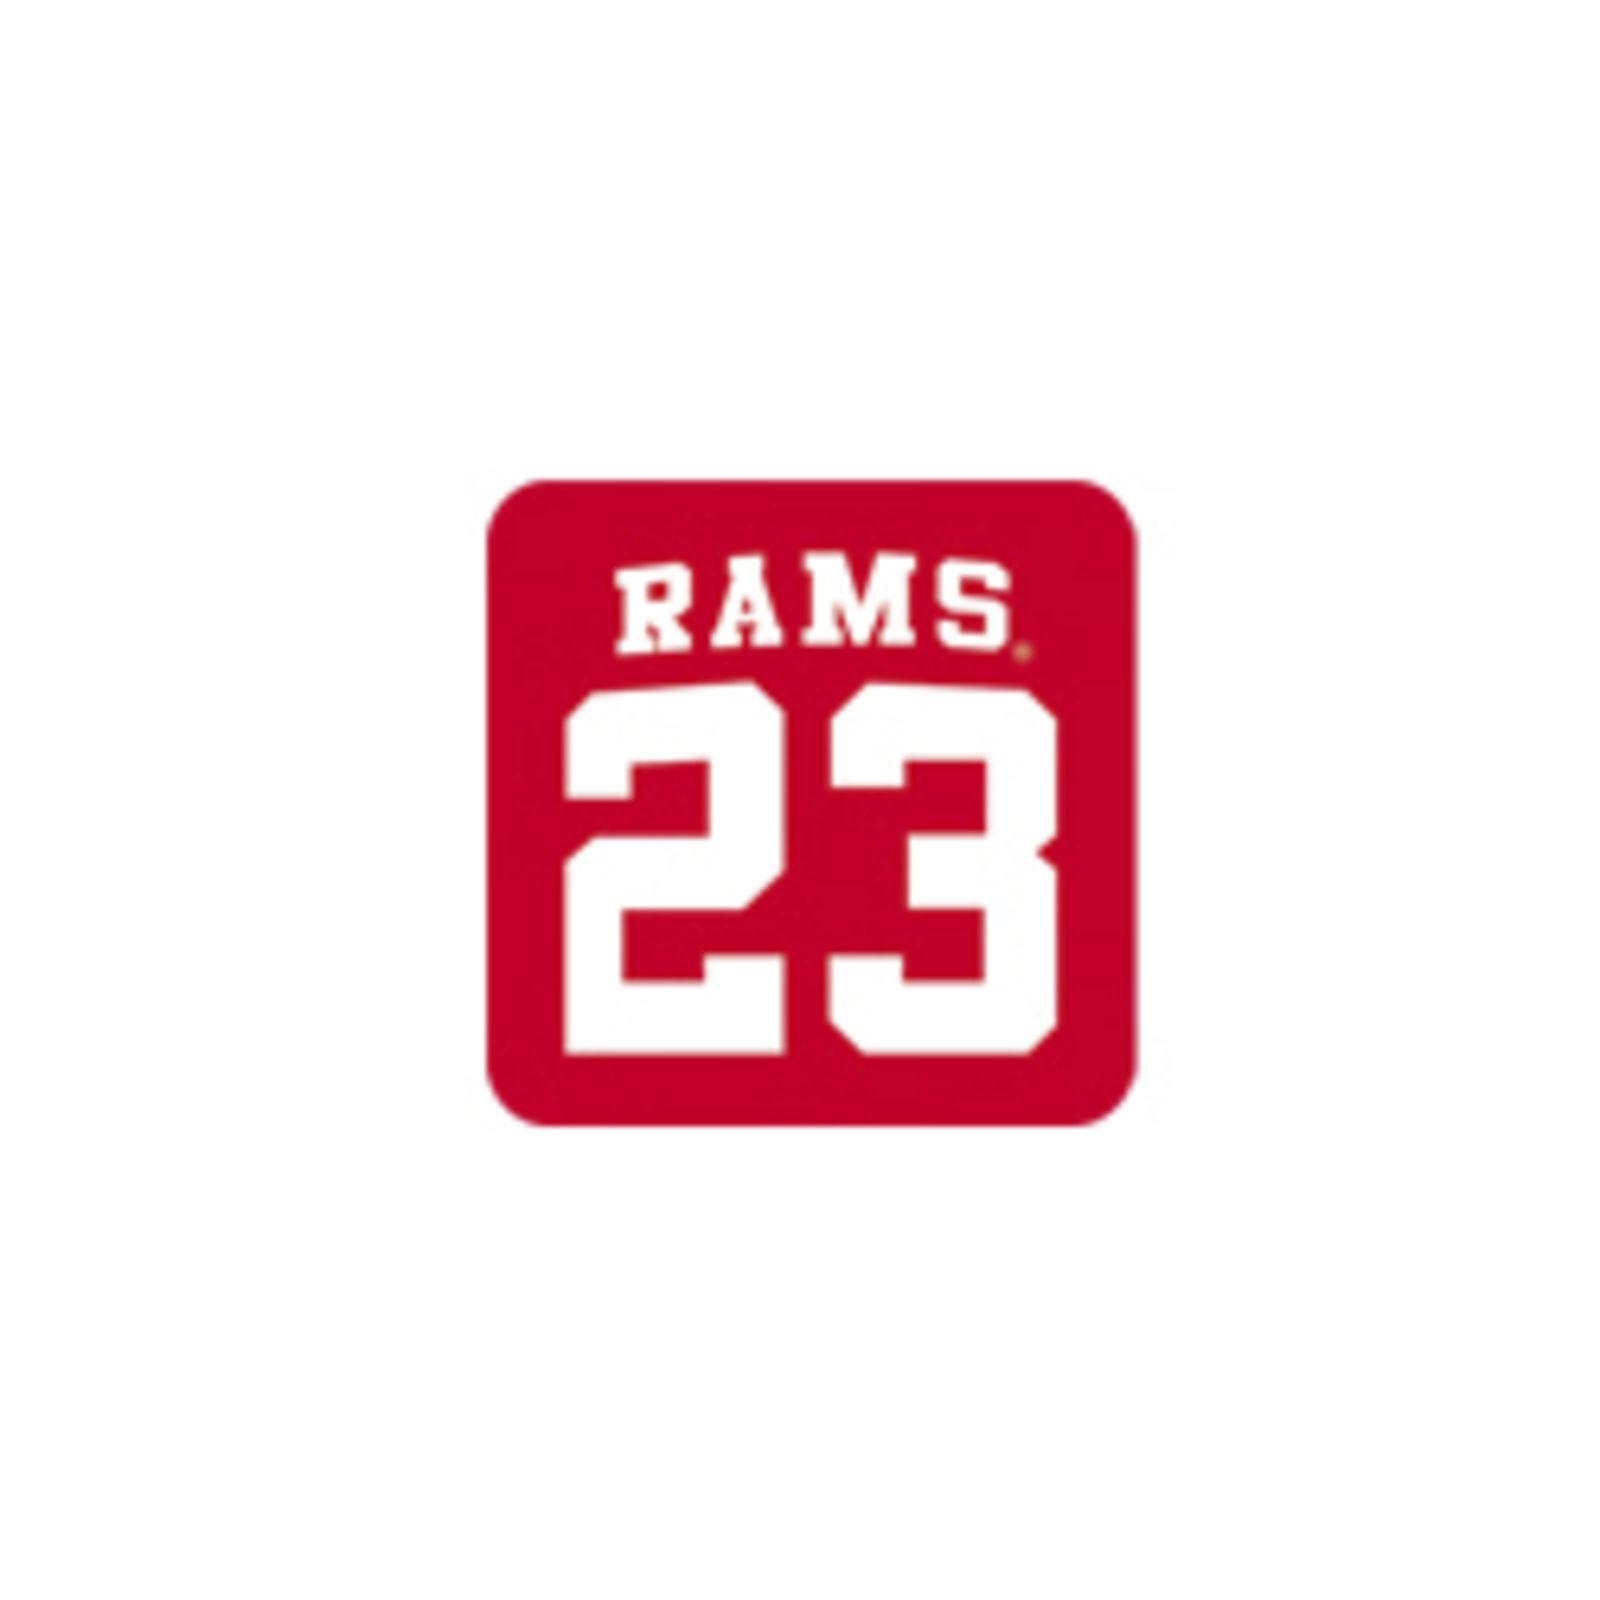 RAMS23